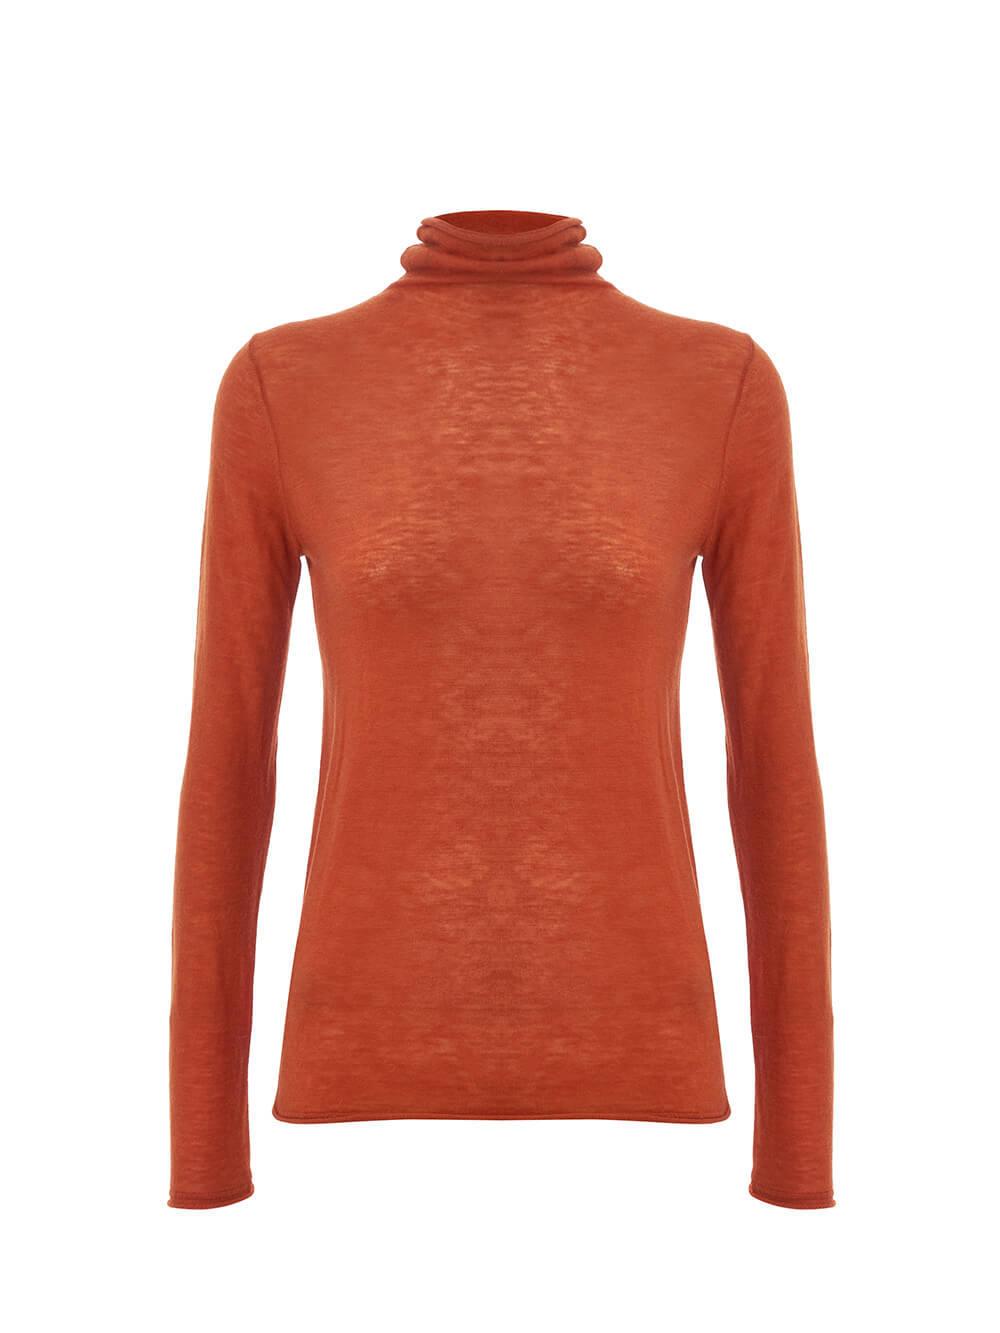 Женский свитер оранжевого цвета из 100% шерсти - фото 1